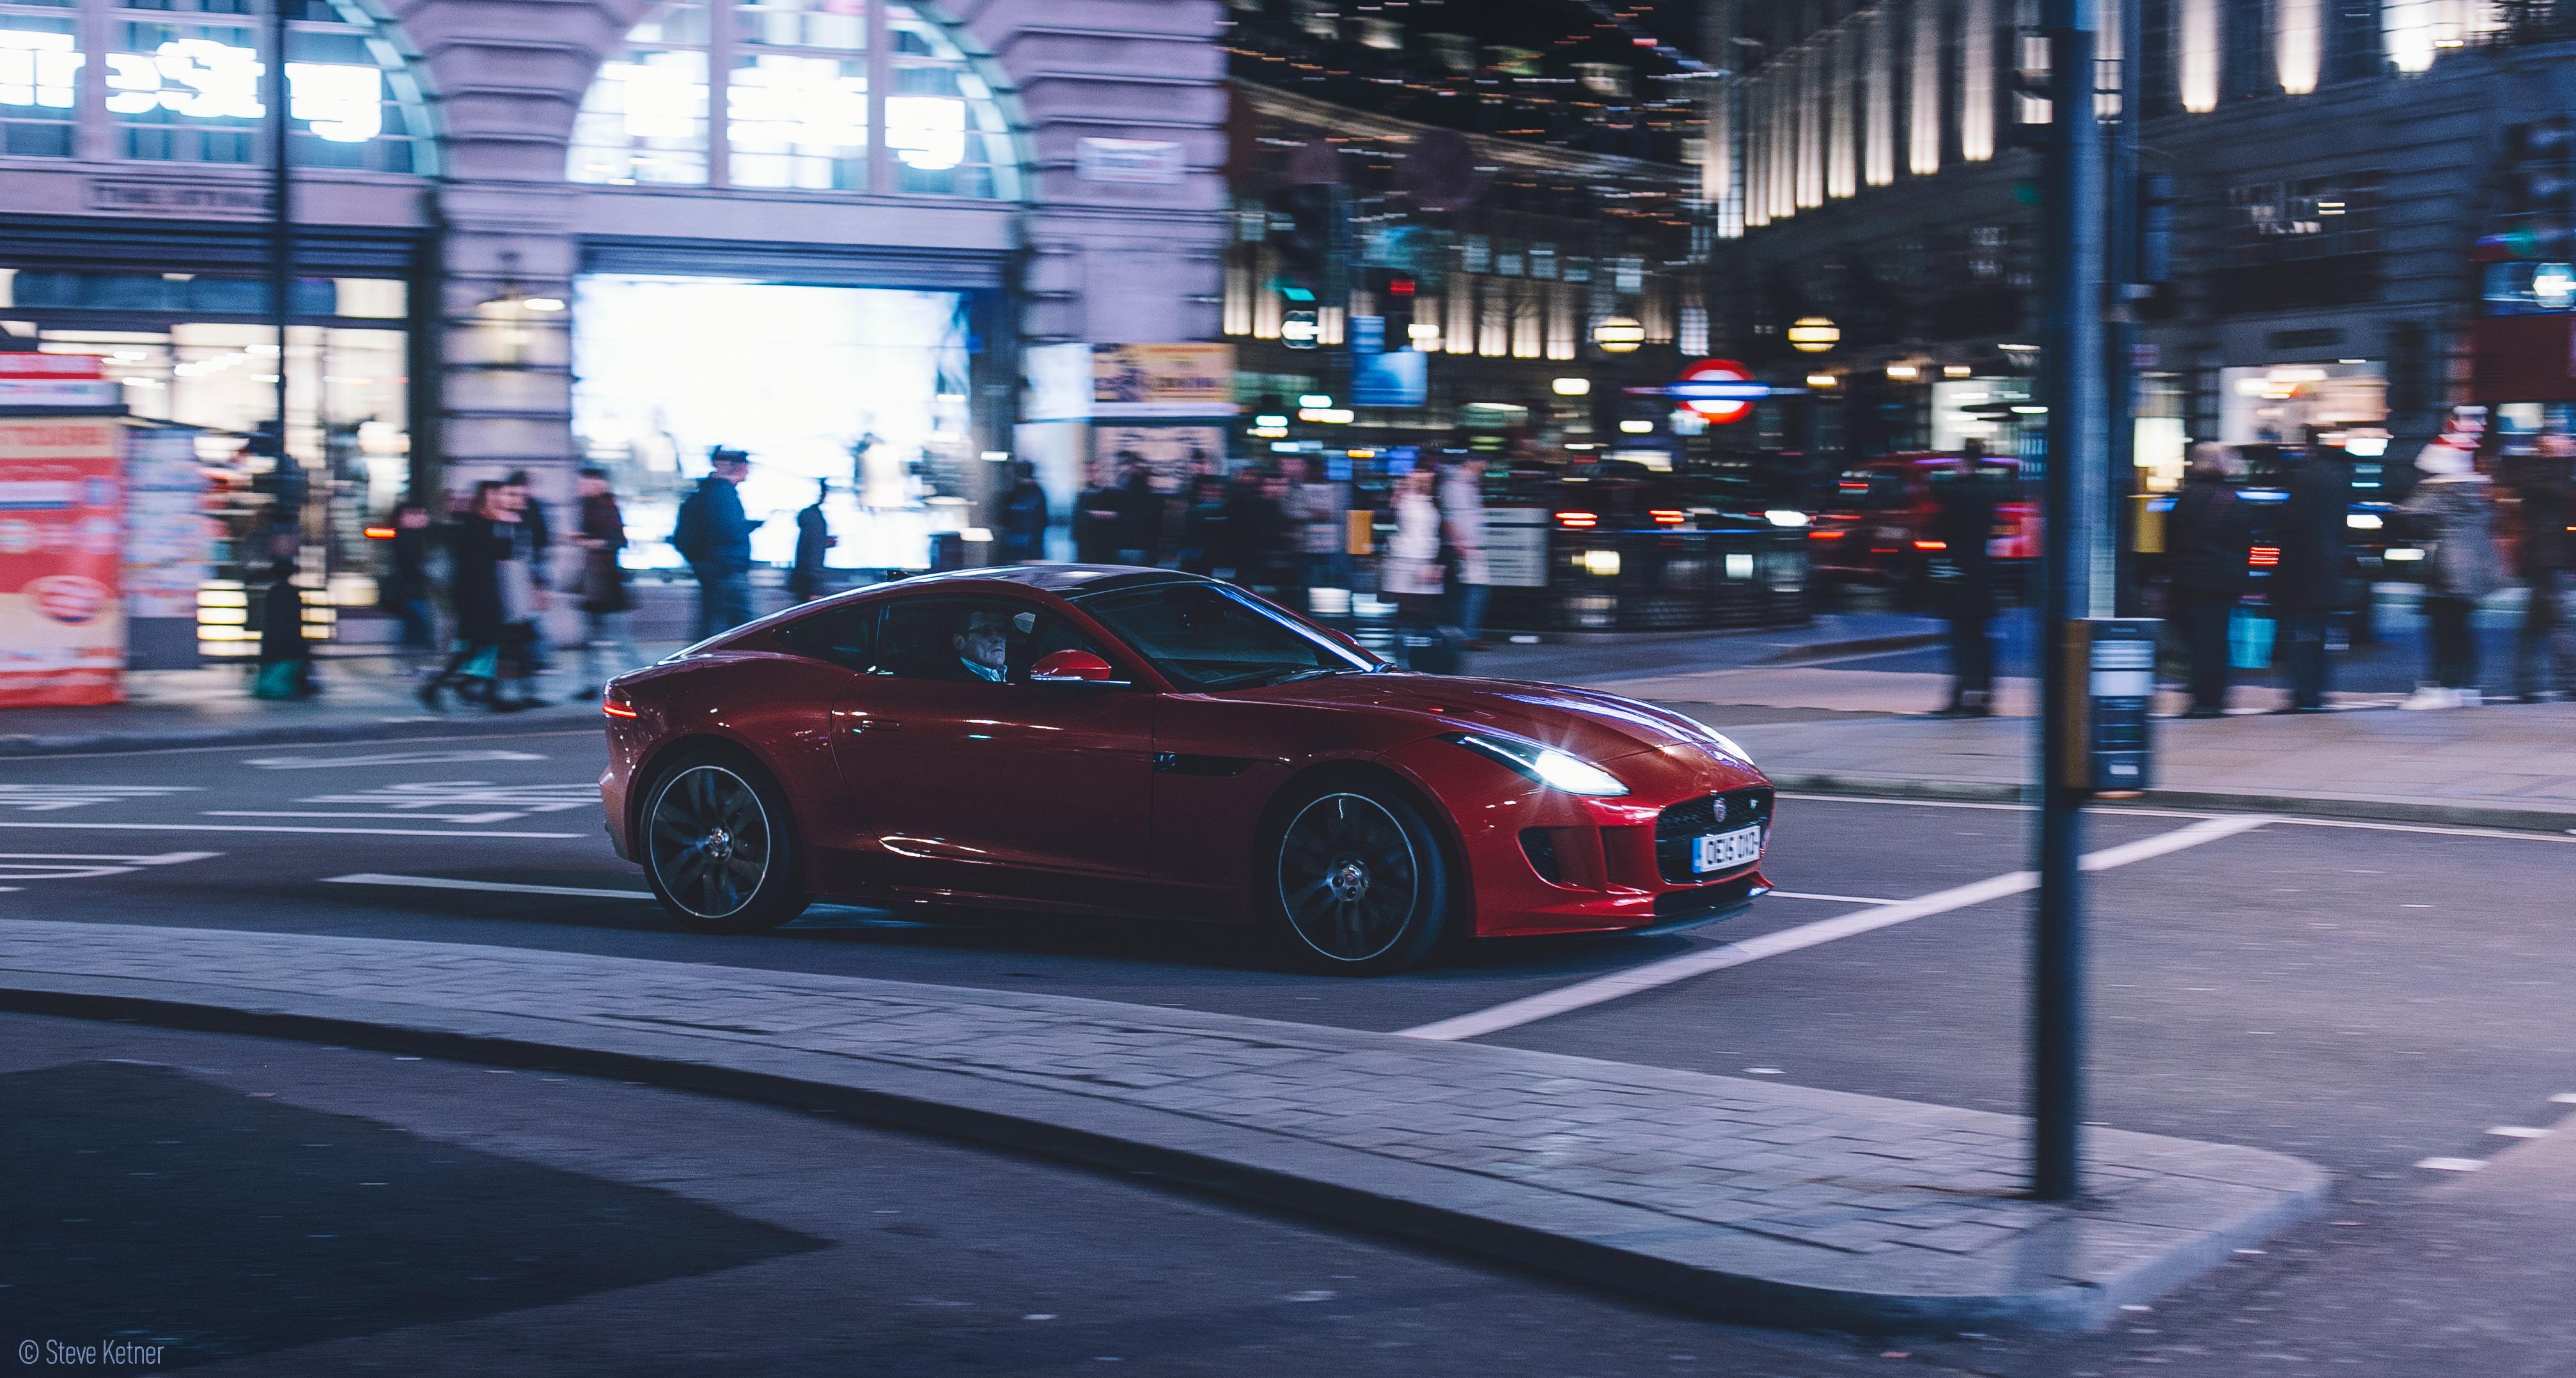 Steve Ketner - Jaguar F-Type - Piccadilly Circus, London